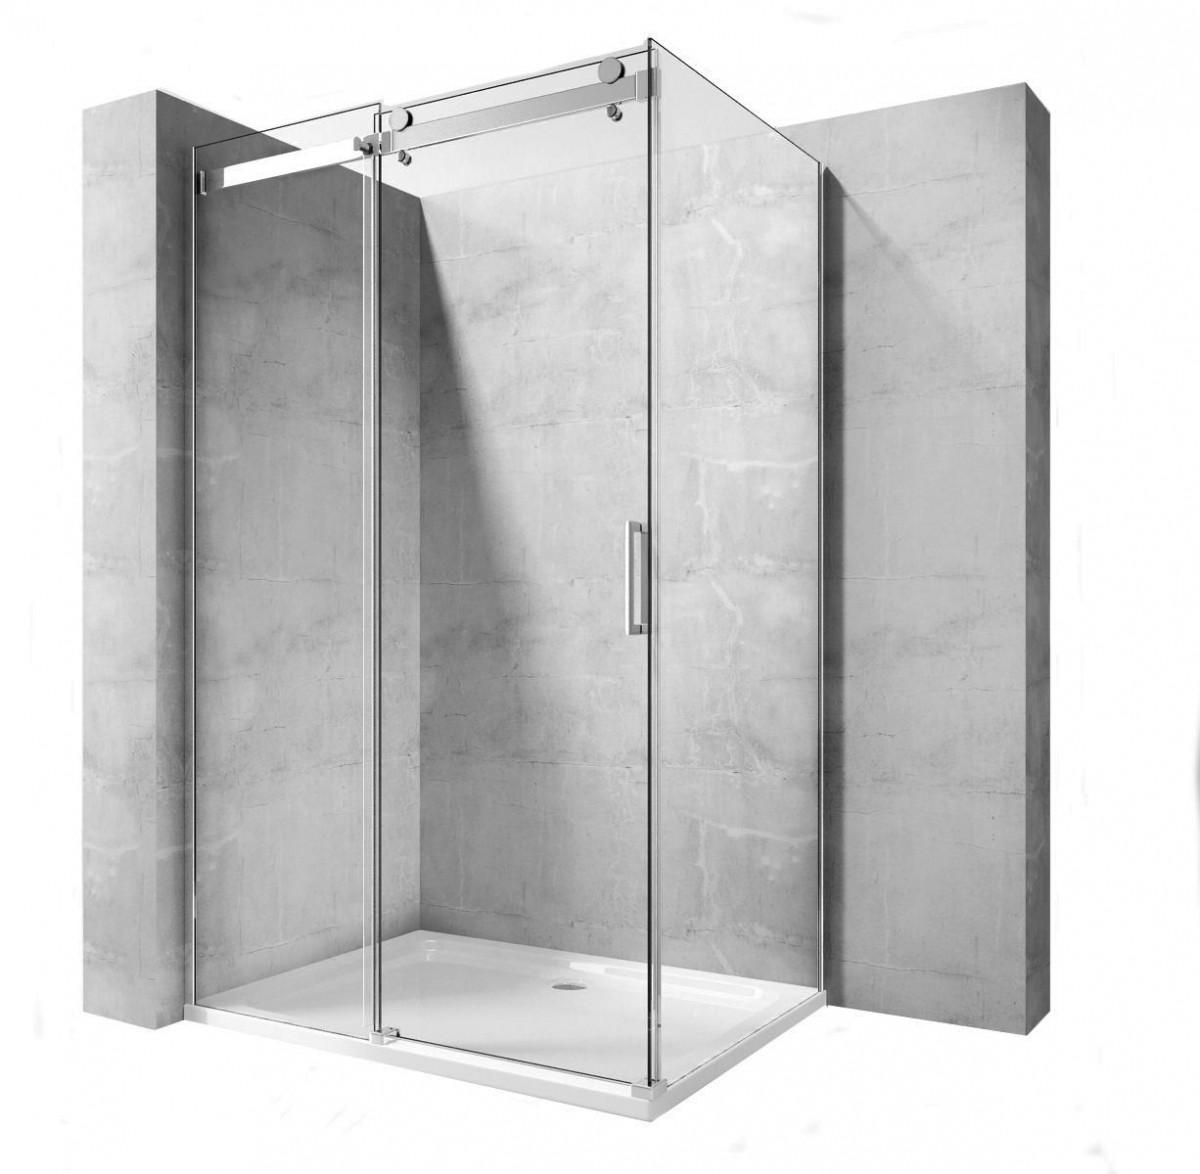 Sprchová kabina Rea Marten 80x100 cm transparentní